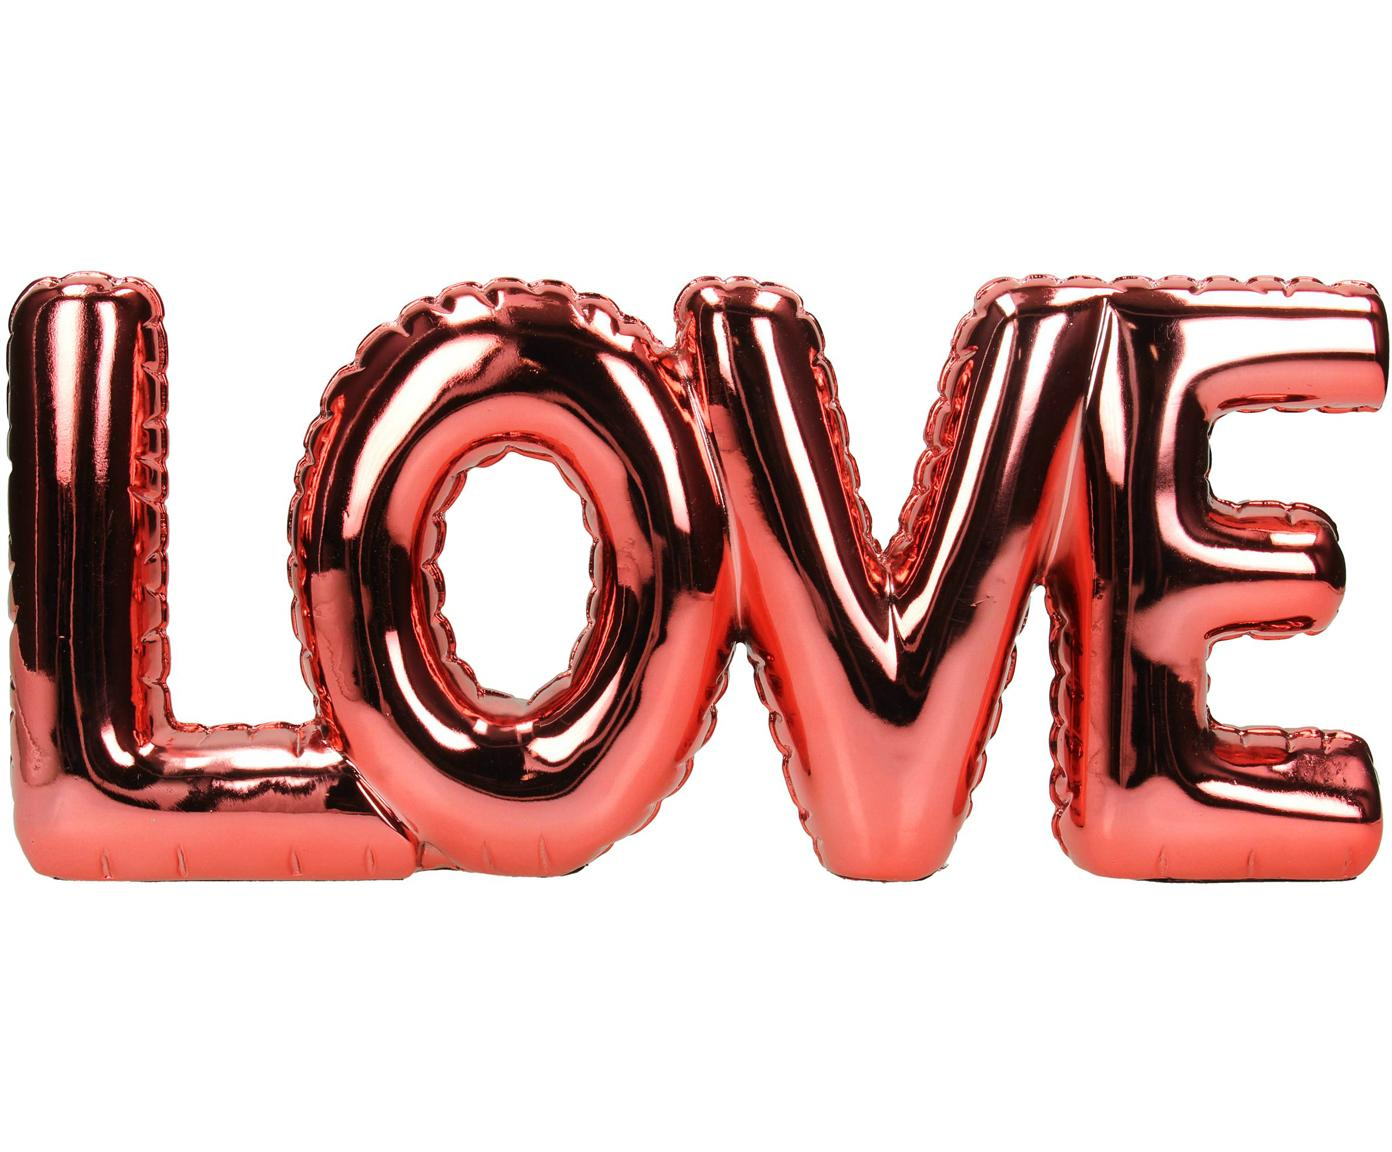 Dekoracja Love, Poliresing, Czerwony, błyszczący, S 32 x W 14 cm